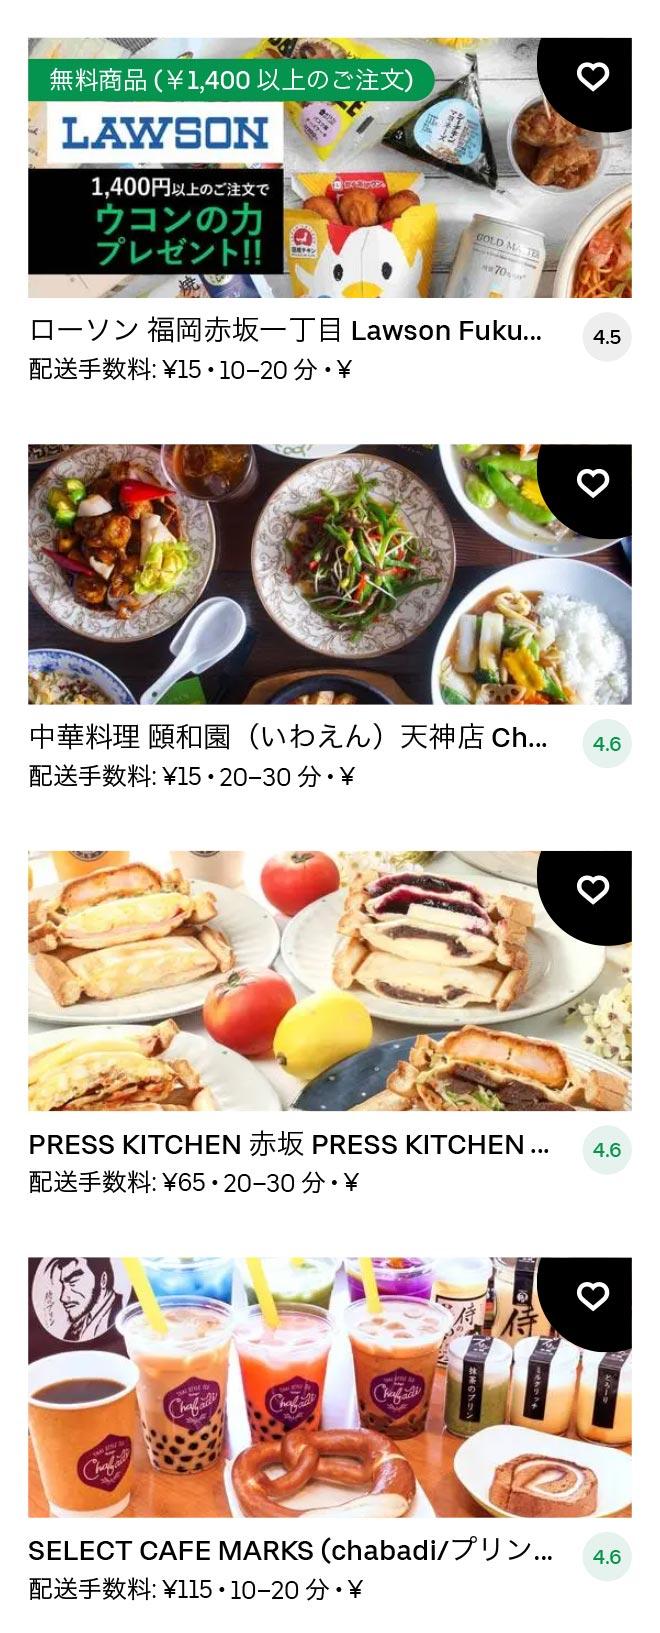 Akasaka menu 2101 13